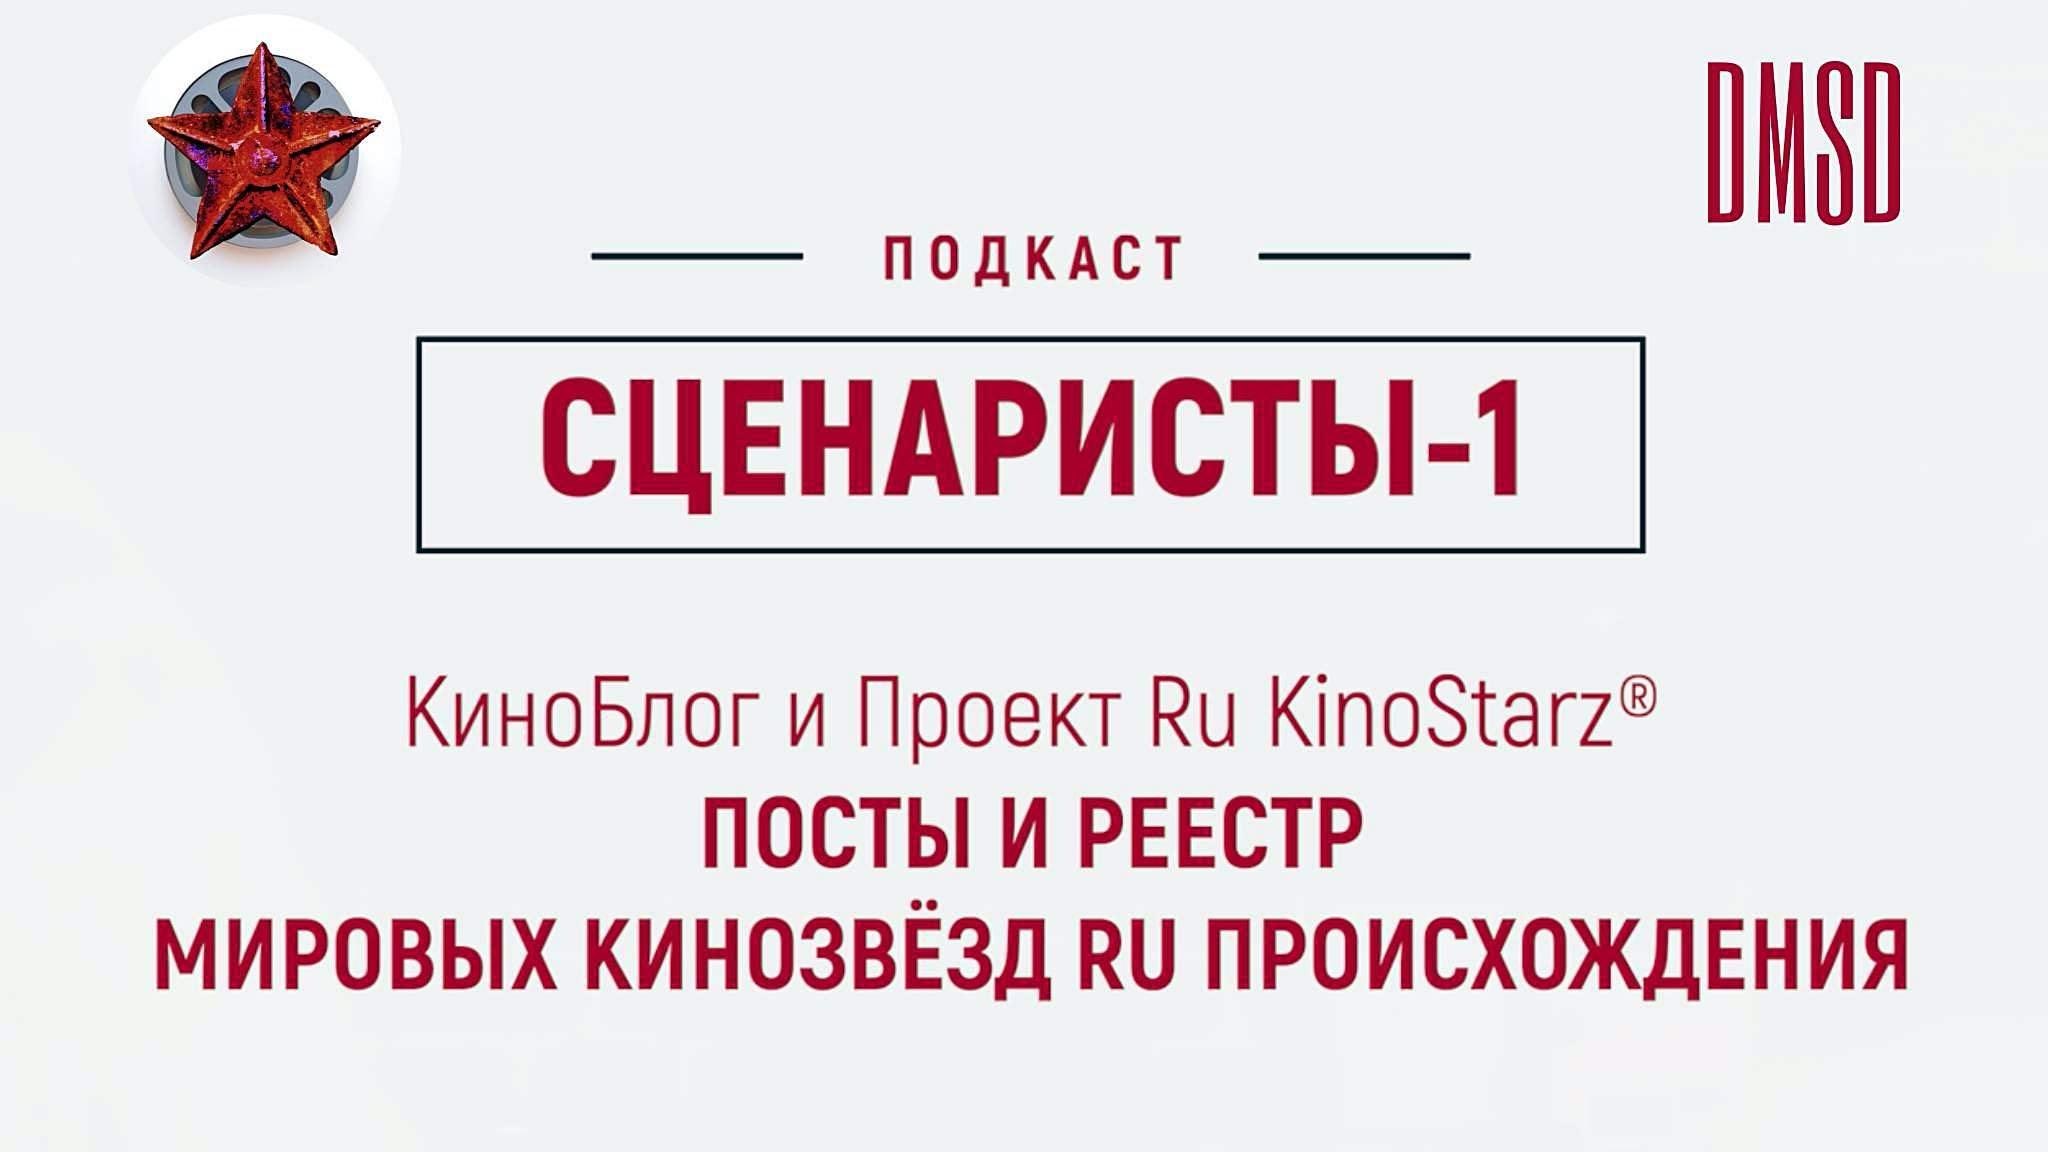 """Подкаст """"Сценаристы-1"""" [2020]"""